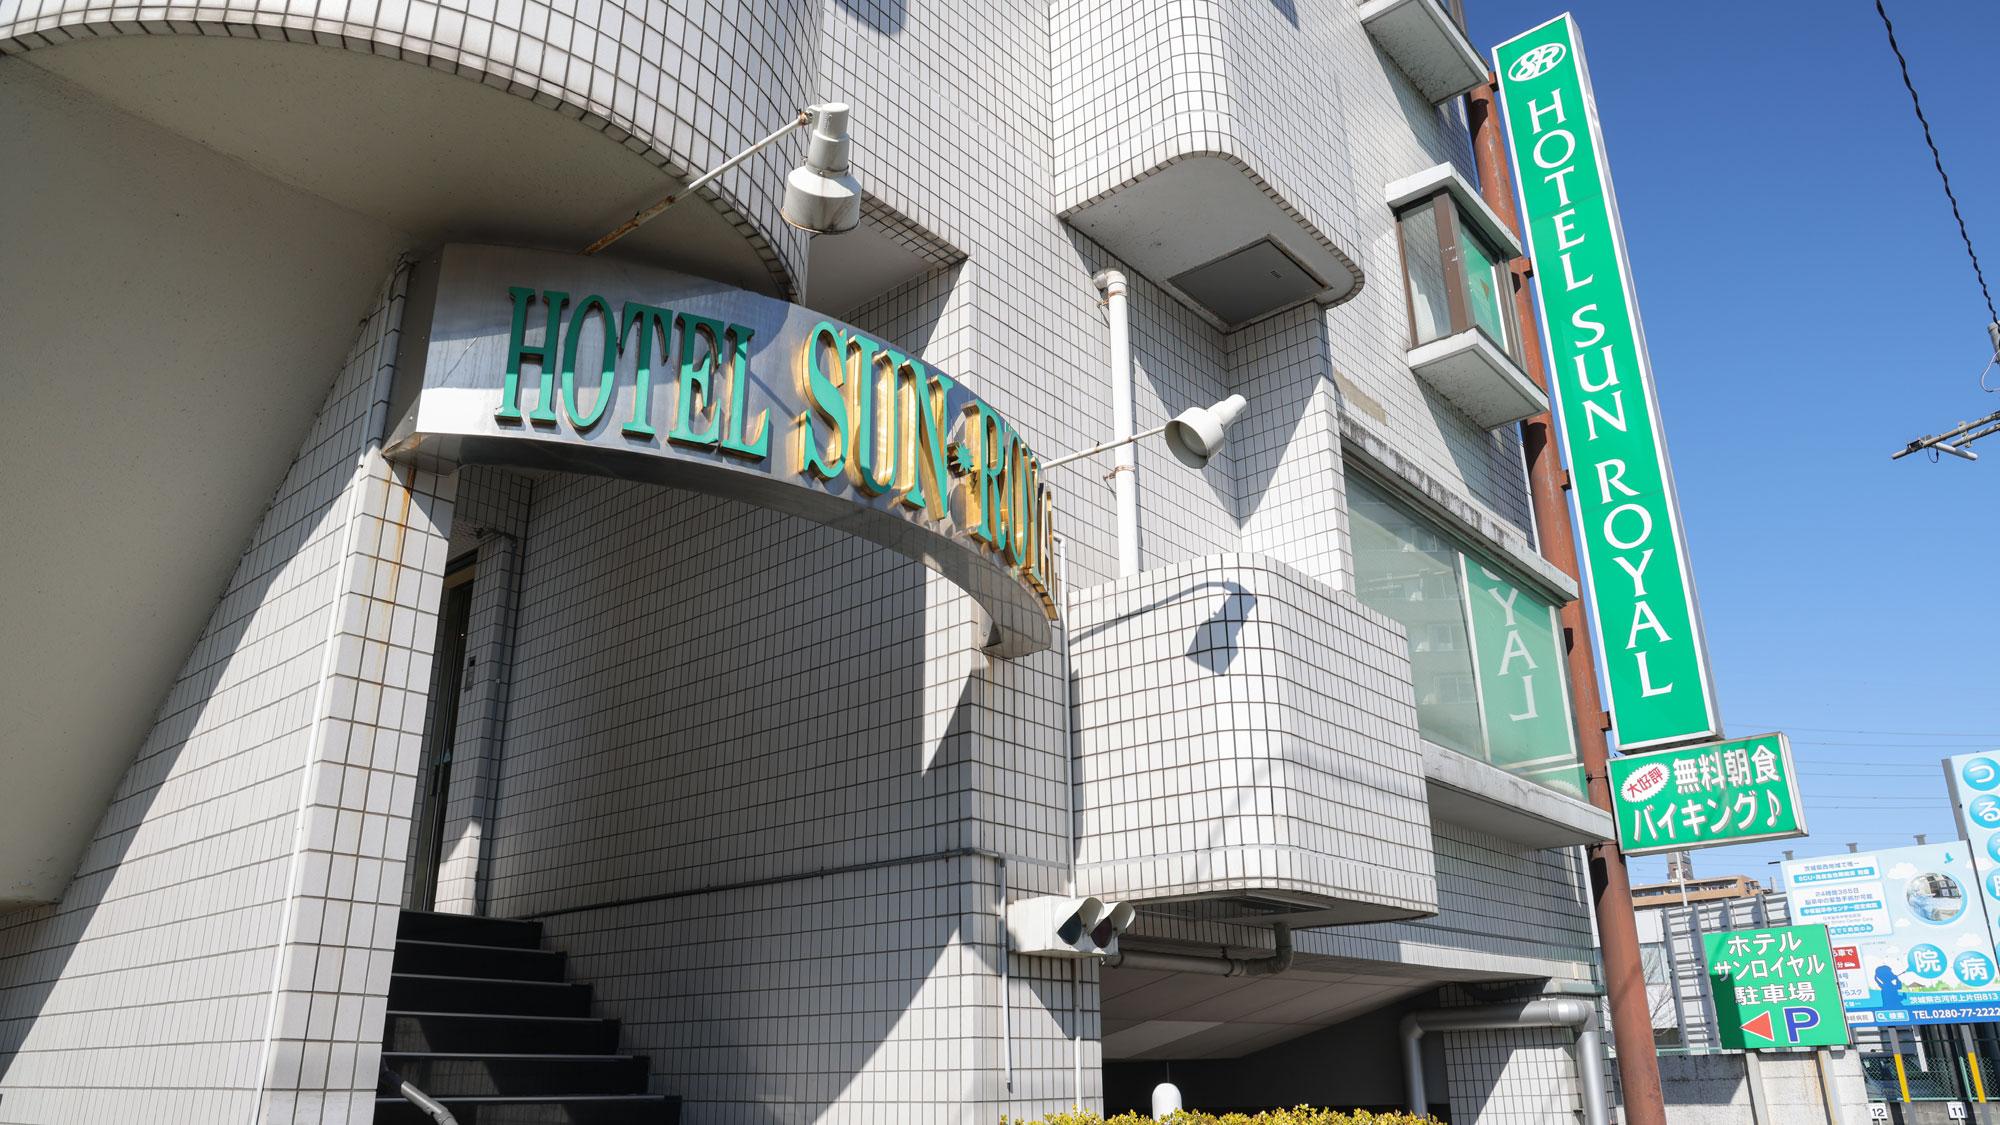 ホテル サン ロイヤル 小山◆楽天トラベル